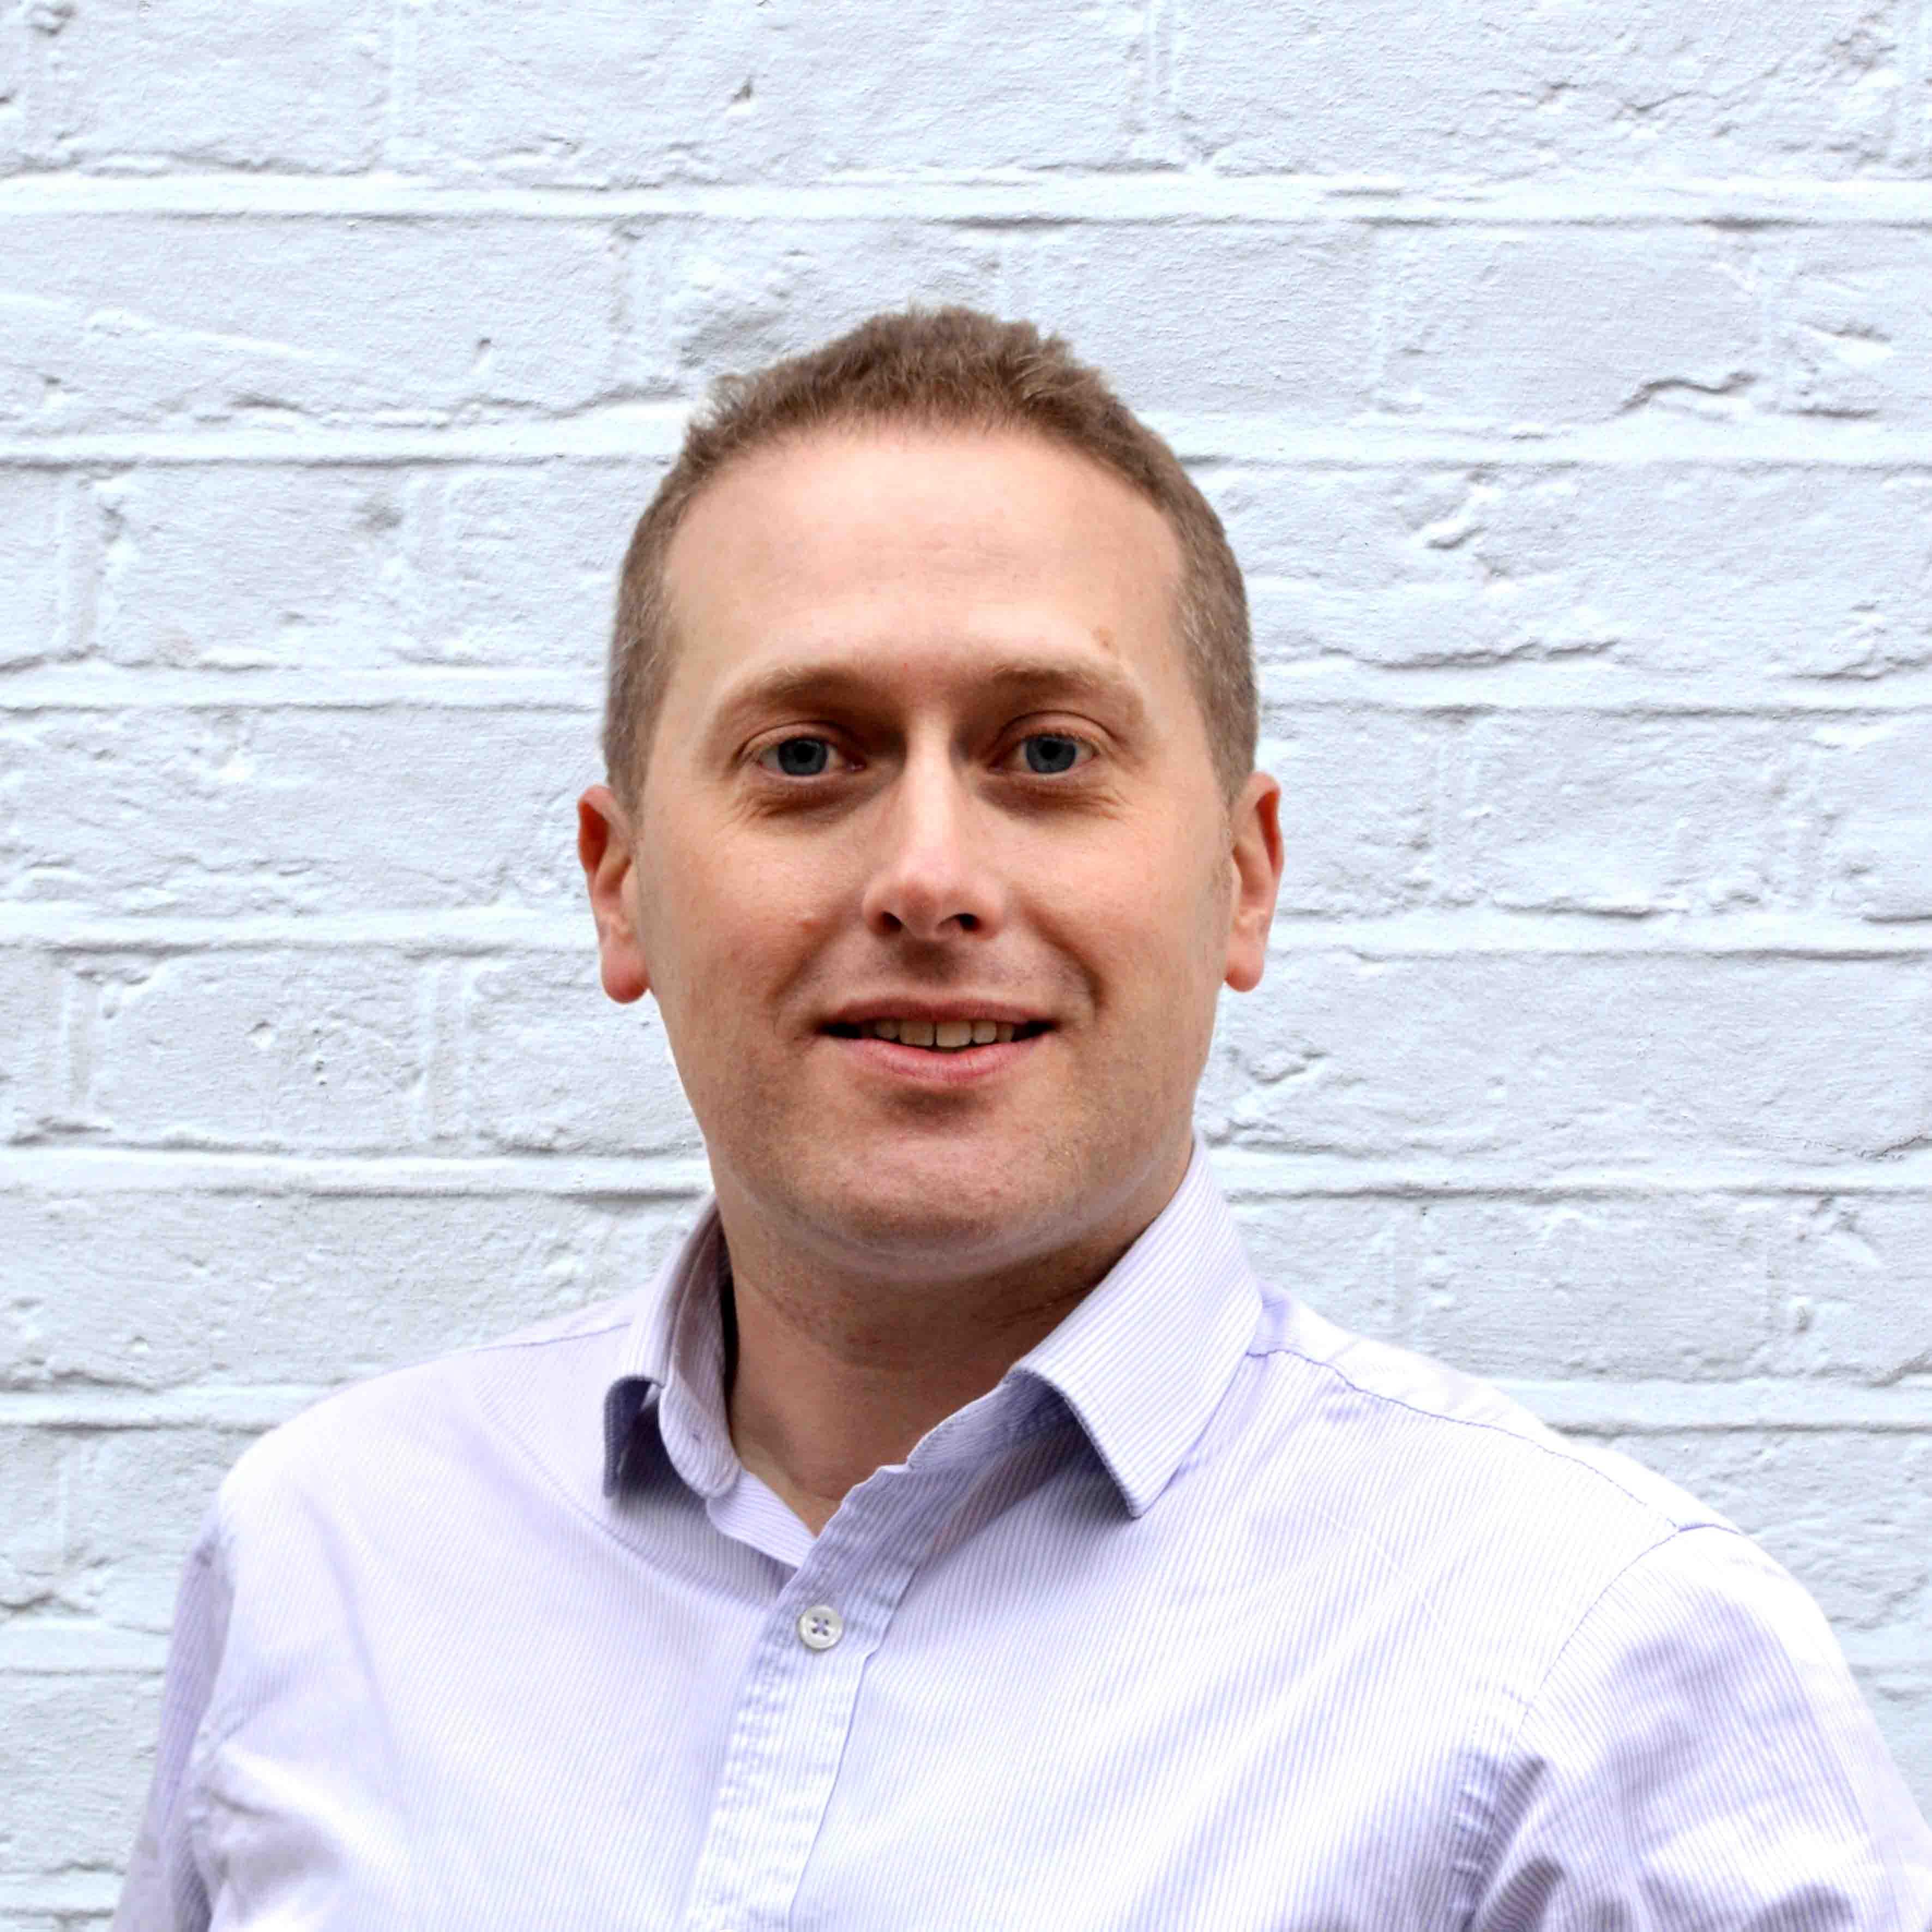 Matt Weyham